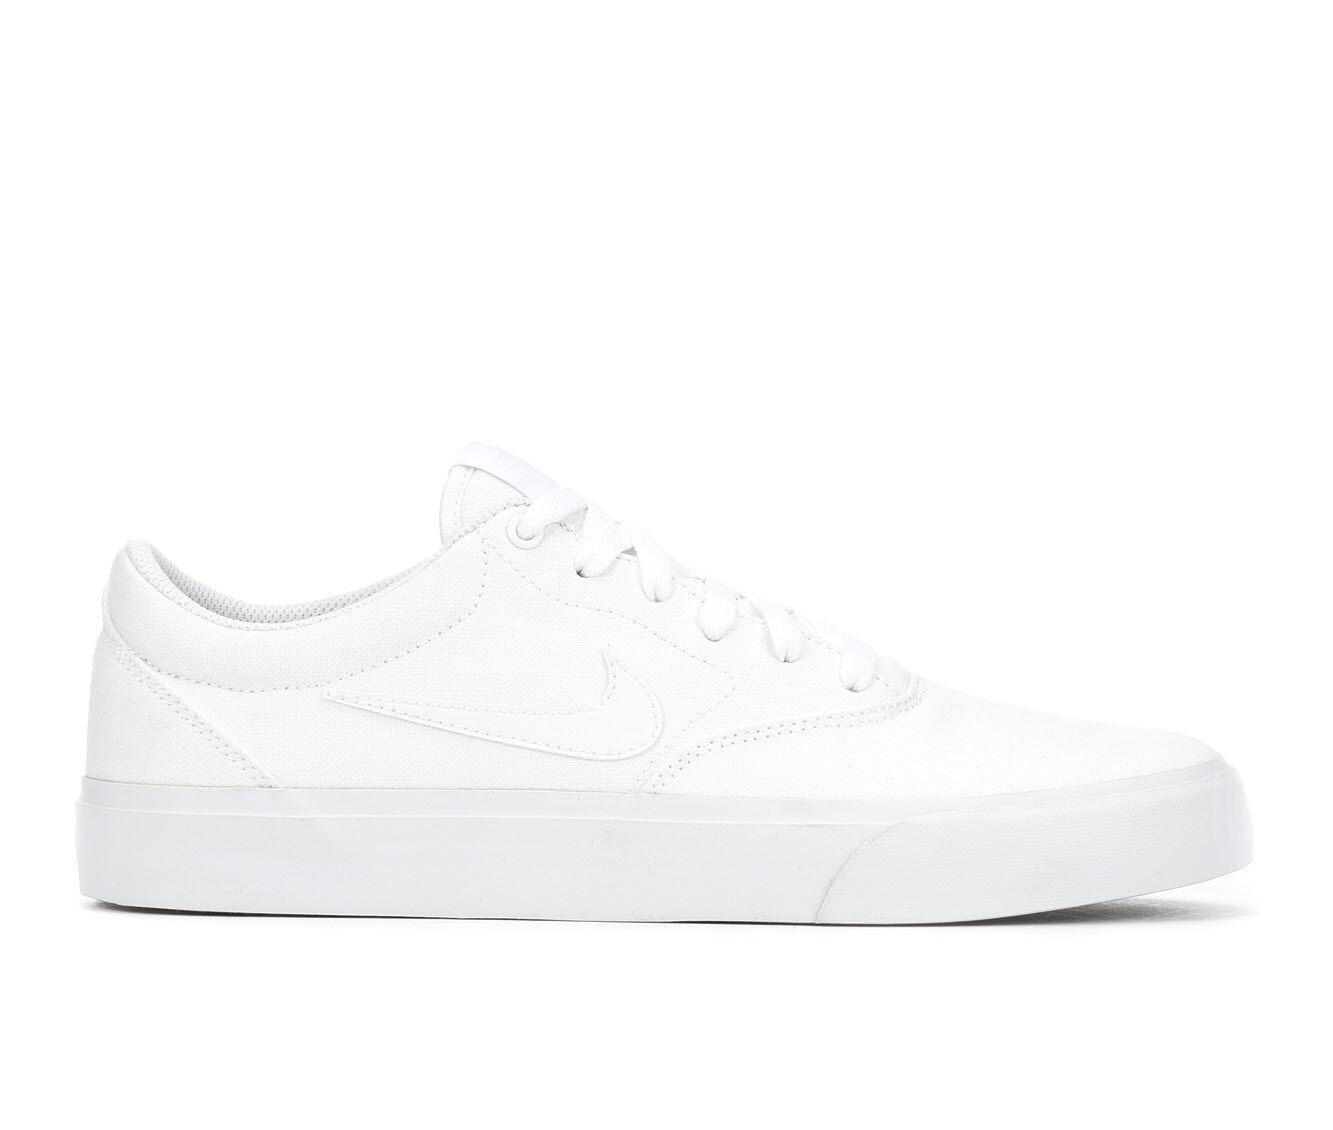 Men's Nike SB Charge Skate Shoes Wht/Wht/Wht 100